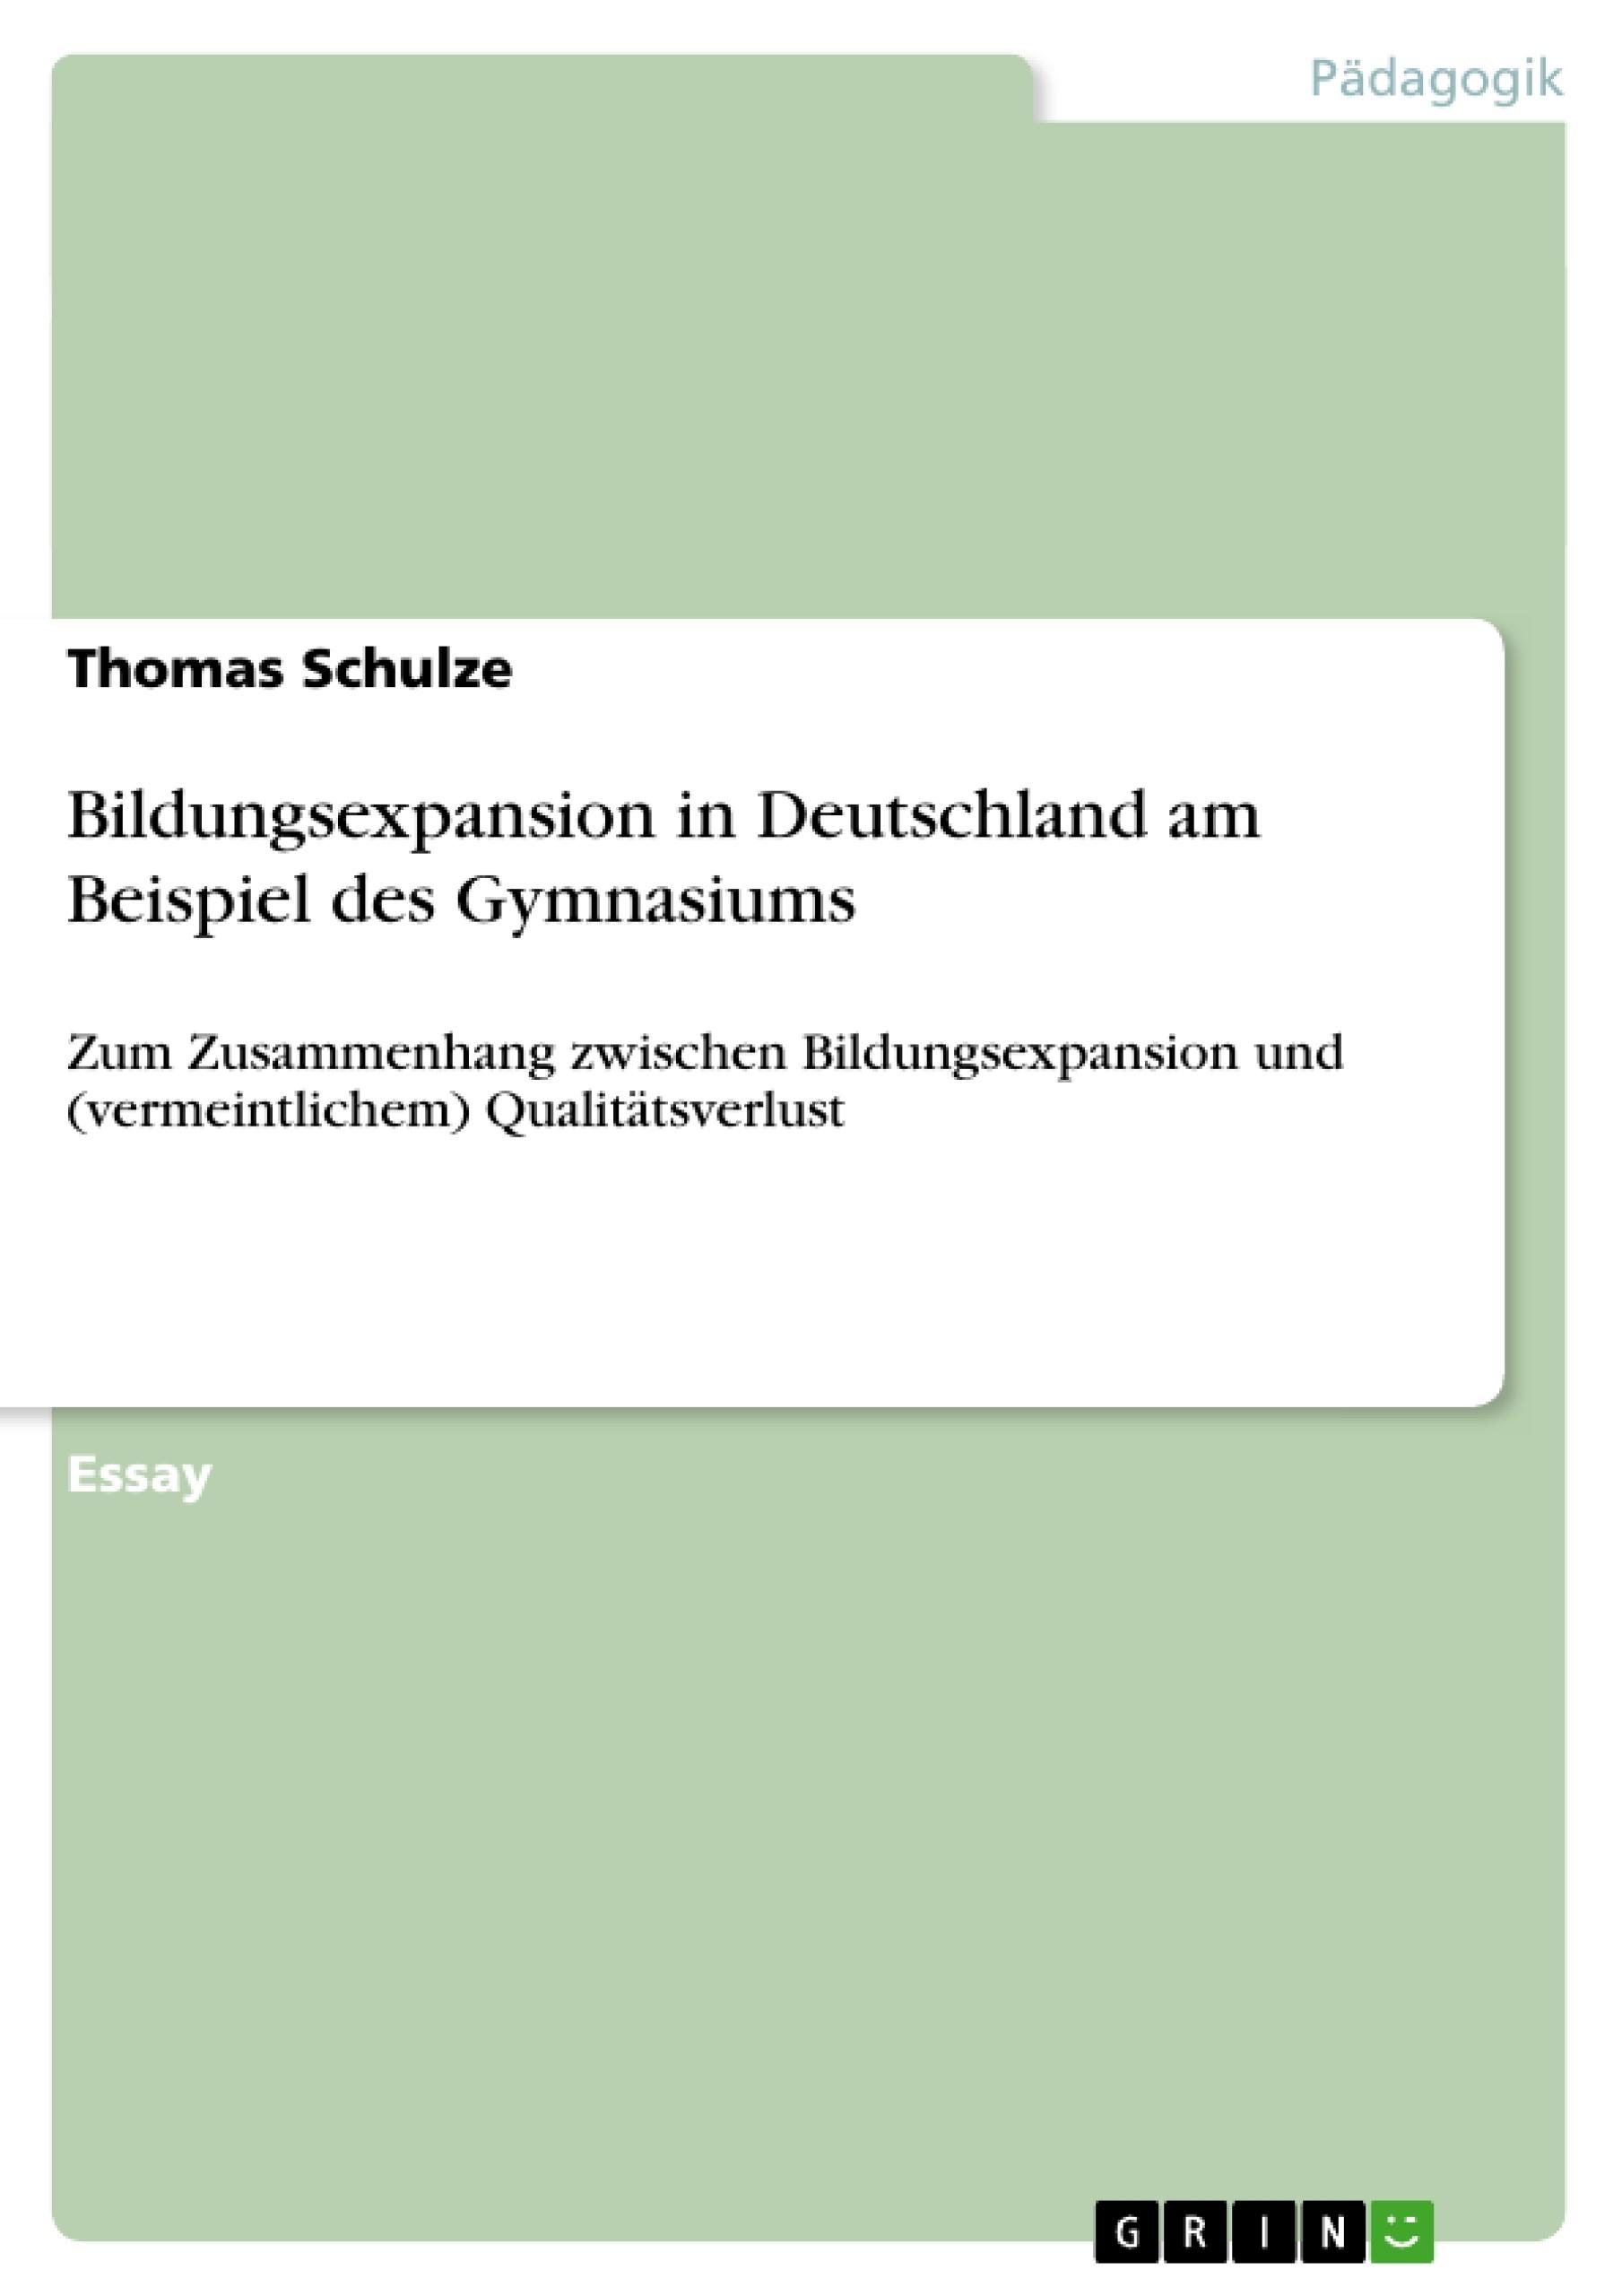 Titel: Bildungsexpansion in Deutschland am Beispiel des Gymnasiums